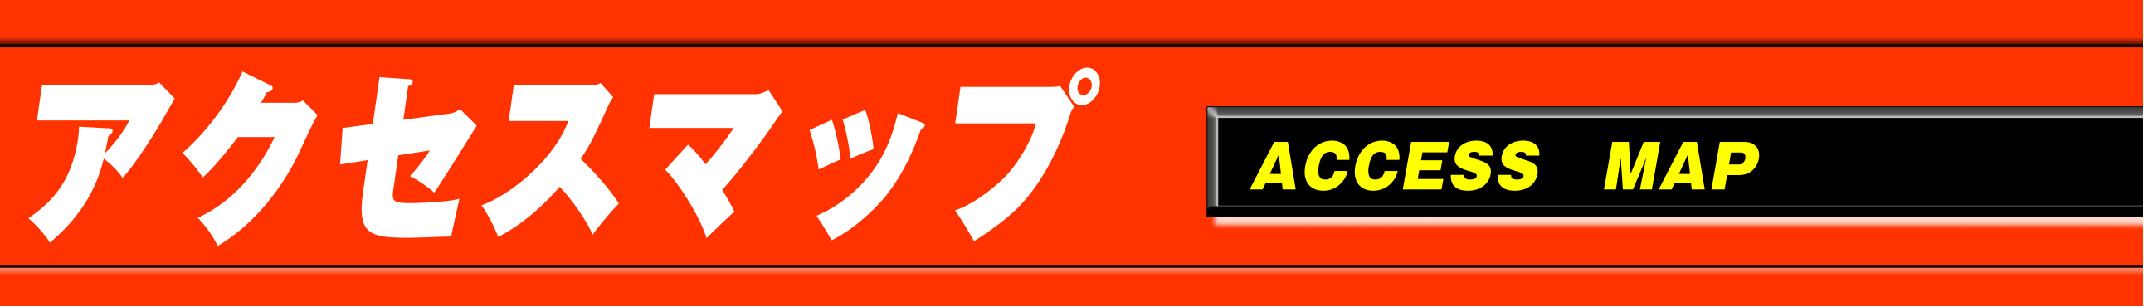 今津西宮北口さくら夙川香露園優良店80